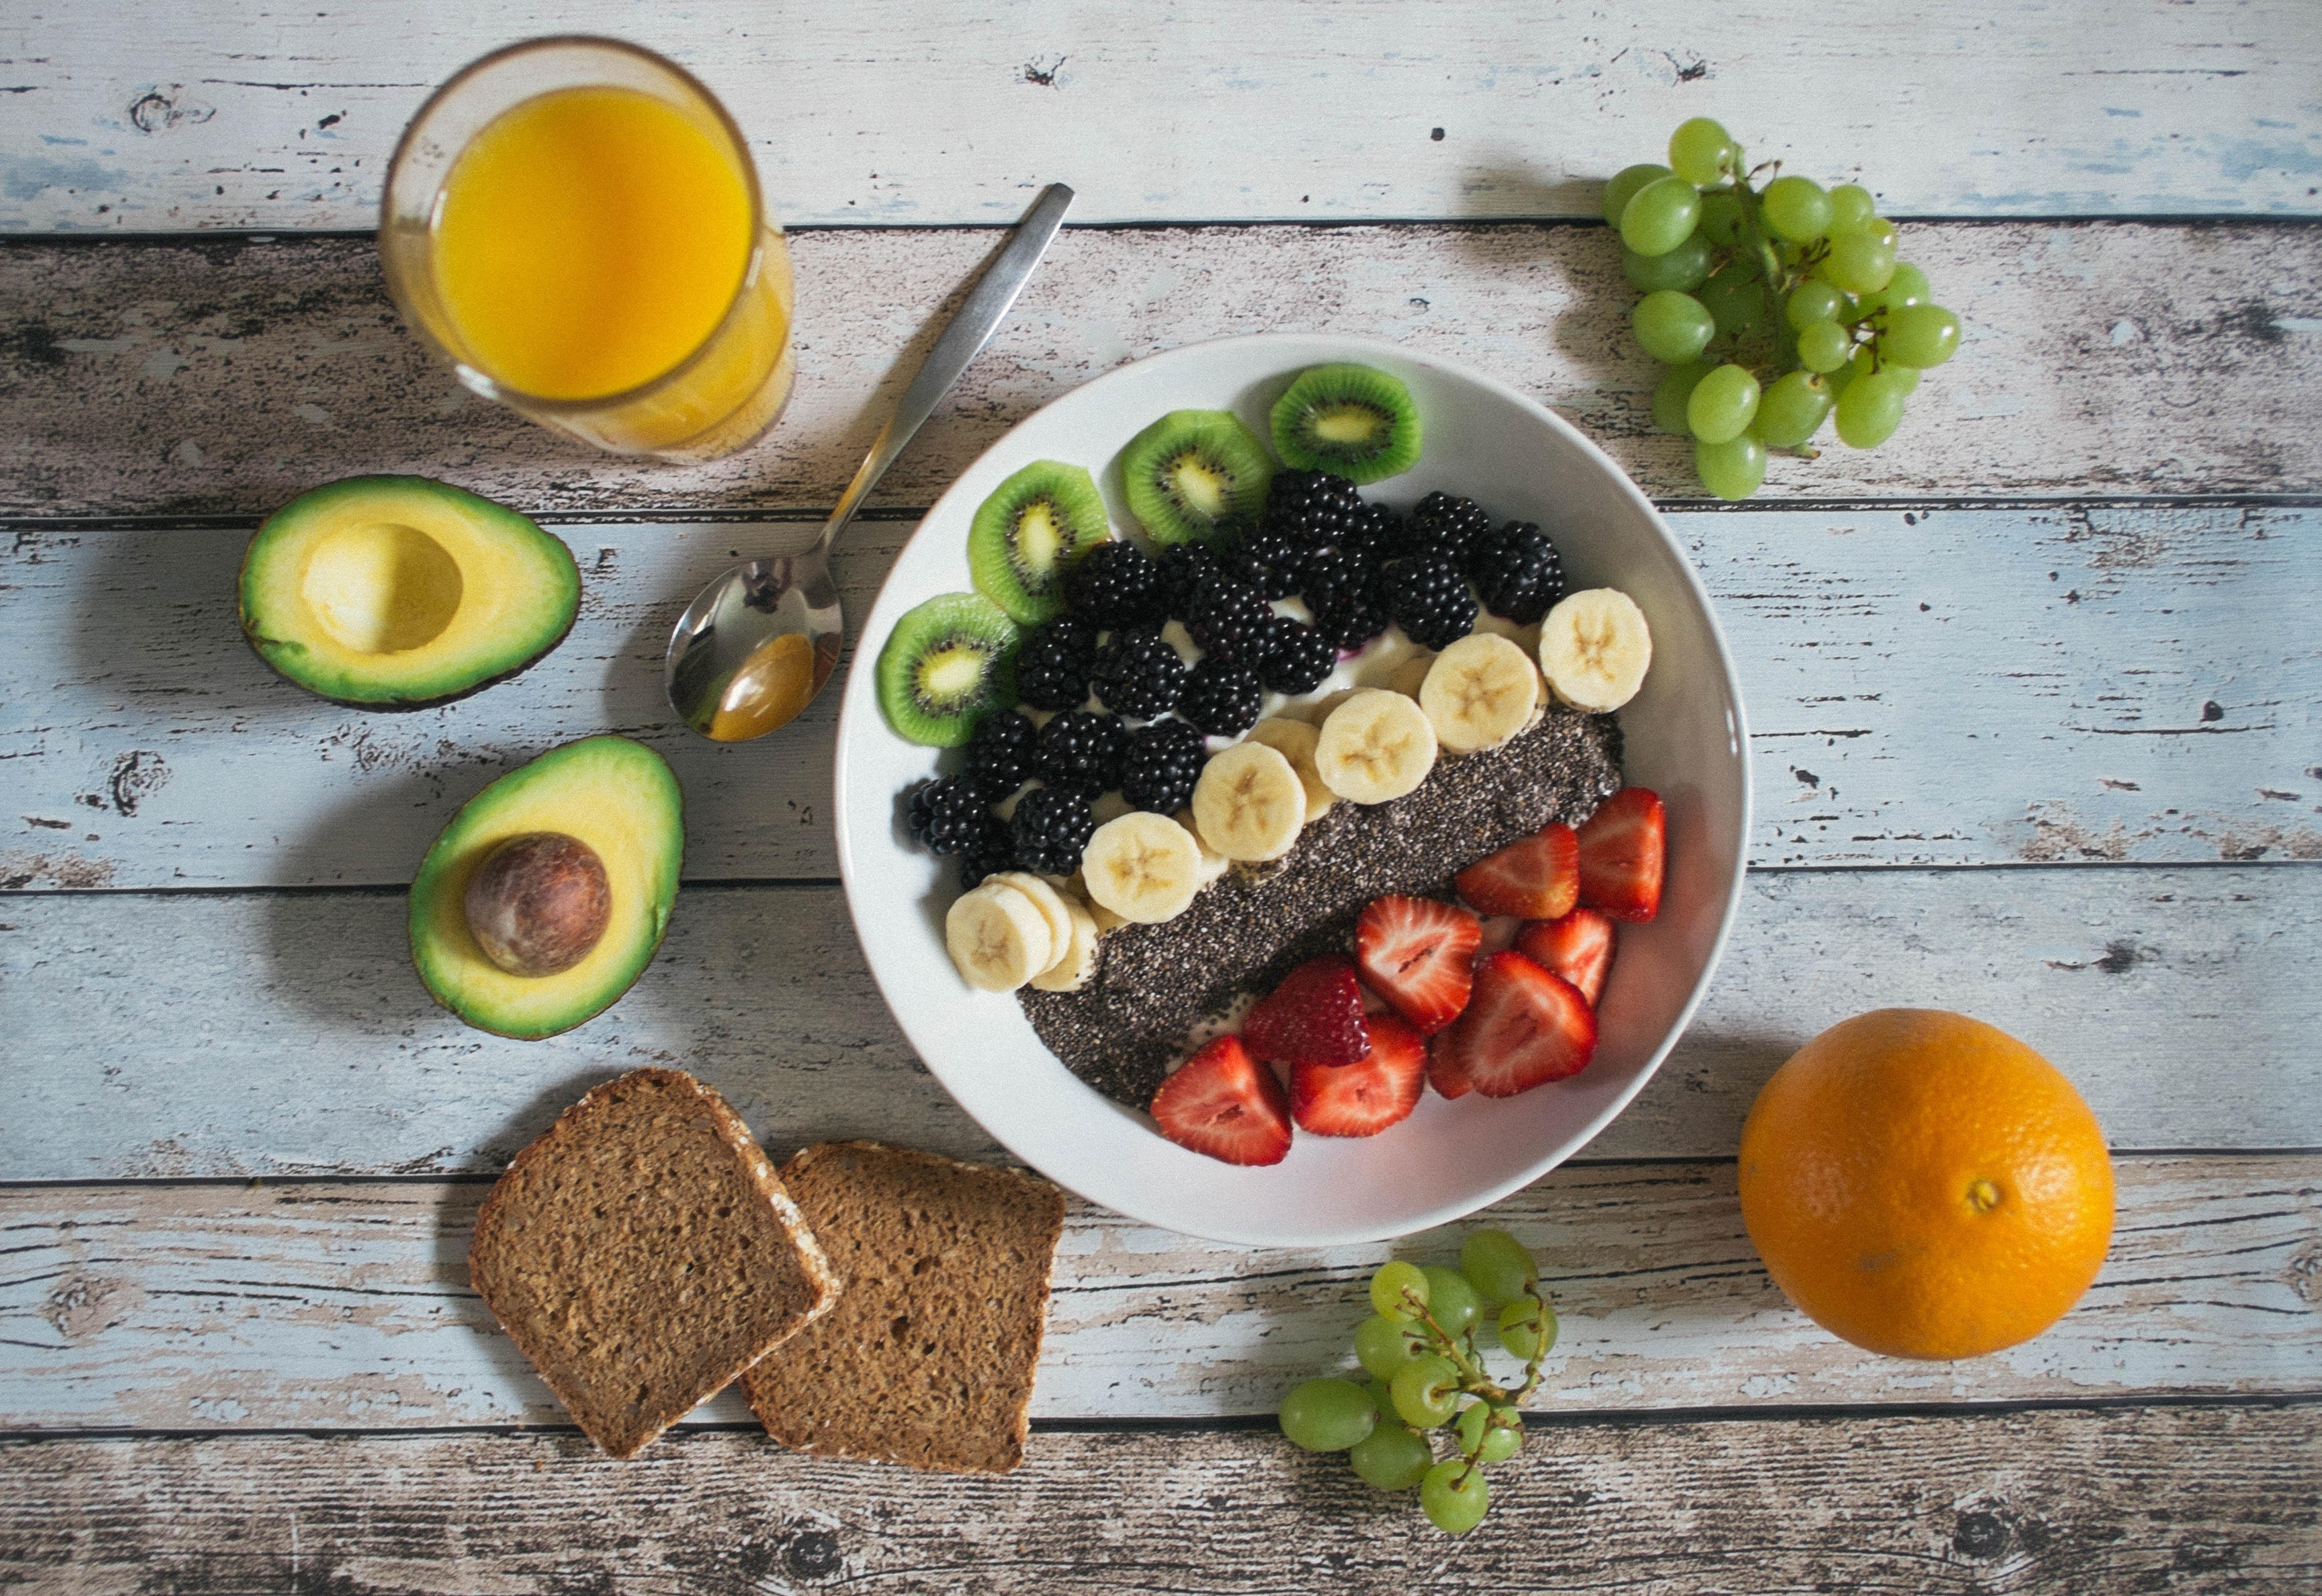 การไดเอทคุณสามารถที่จะทำได้ด้วยการรับประทานจำพวกผักและผลไม้ที่มีประโยชน์